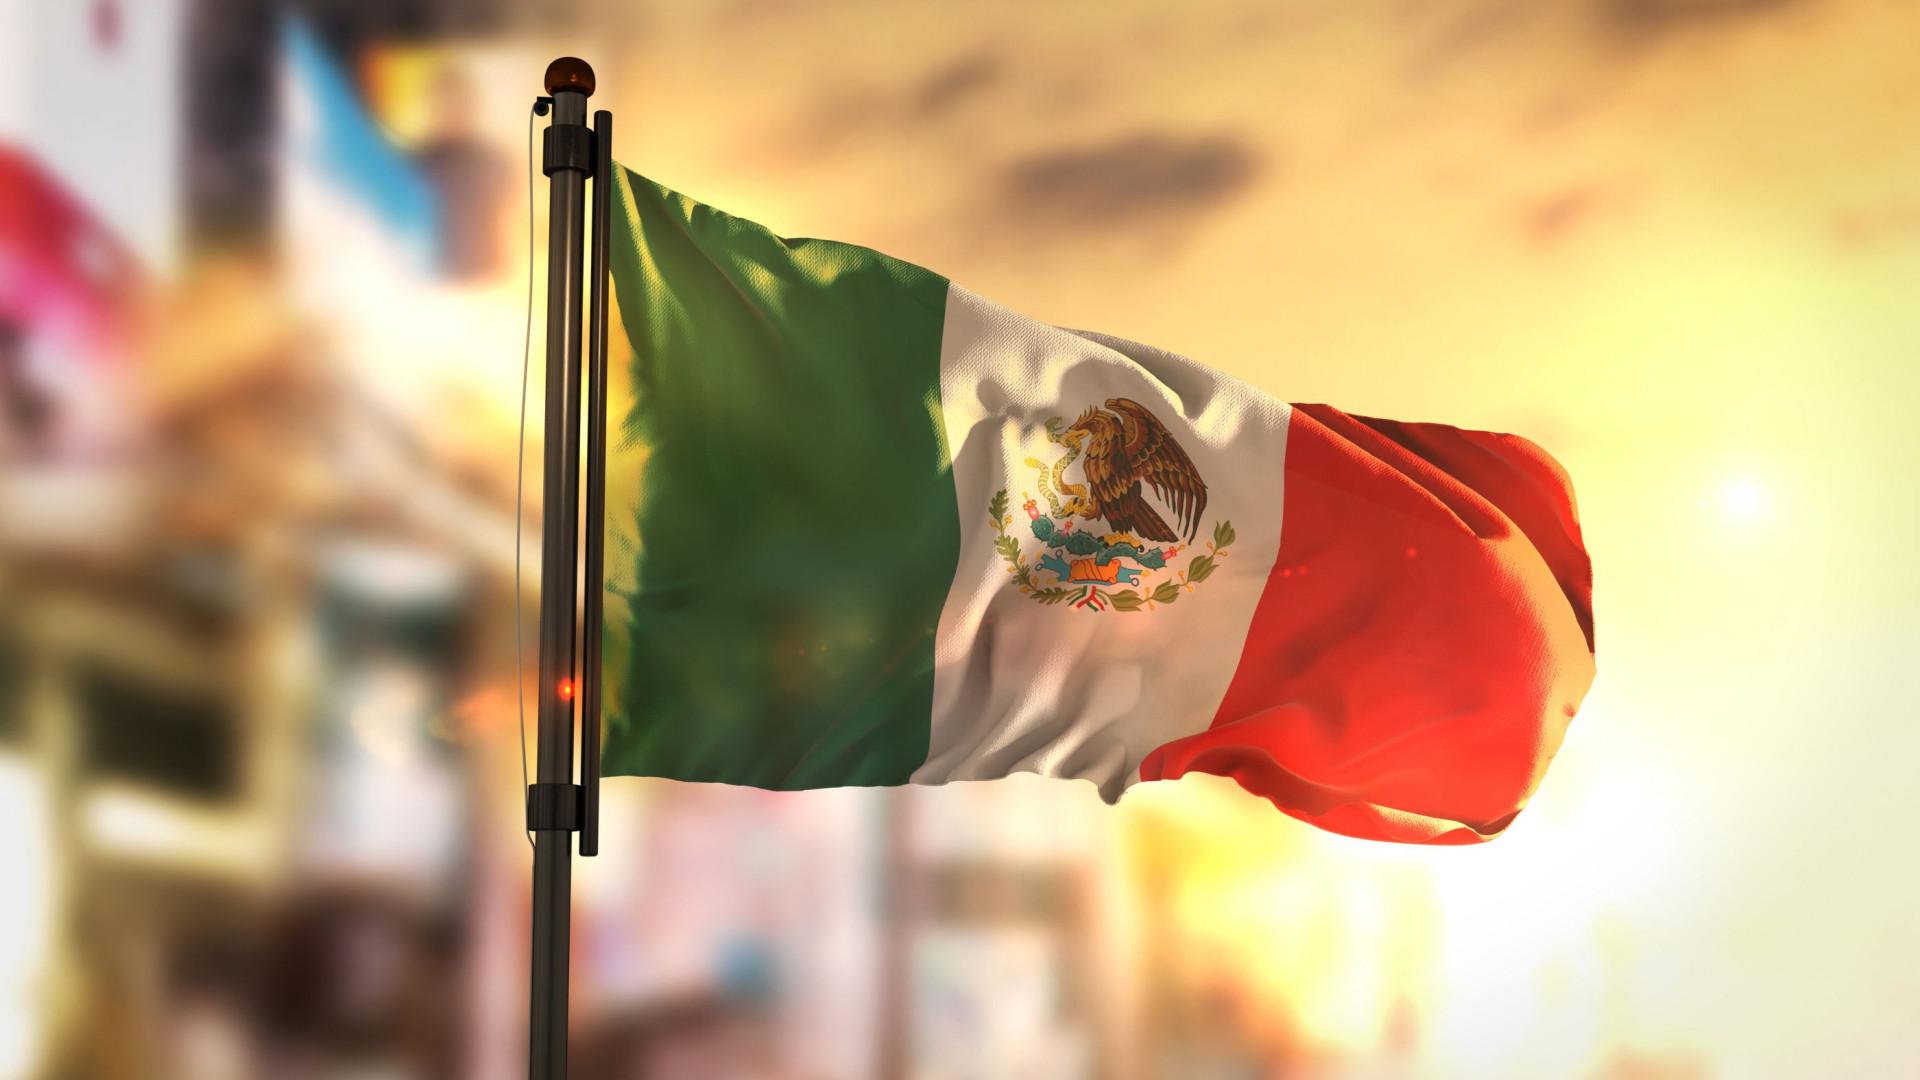 Onze mortos a tiro em dois ataques na cidade mexicana de Juarez